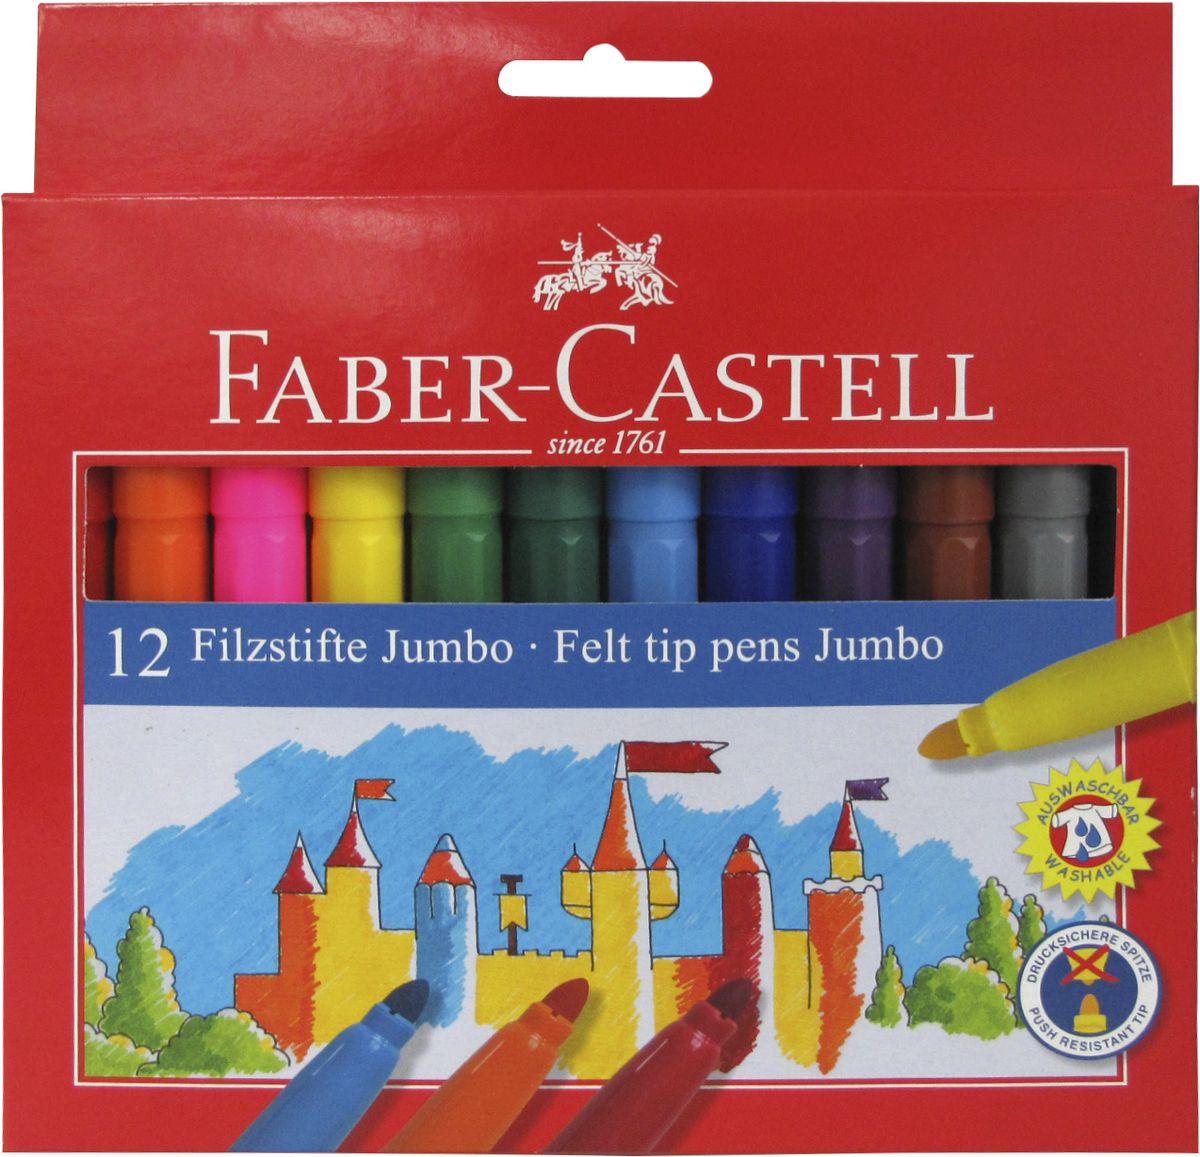 Faber-Castell Фломастеры Jumbo 12 цветовFS-00102Фломастеры Faber-Castell помогут маленькому художнику раскрыть свой творческий потенциал, рисовать и раскрашивать яркие картинки, развивая воображение, мелкую моторику и цветовосприятие. В наборе Faber-Castell Jumbo 12 разноцветных фломастеров. Корпусы выполнены из пластика. Чернила на водной основе окрашены с использованием пищевых красителей, благодаря чему они полностью безопасны для ребенка и имеют яркие, насыщенные цвета. Если маленький художник запачкался - не беда, ведь фломастеры отстирываются с большинства тканей. Вентилируемый колпачок надолго сохранит яркость цветов.Не рекомендуется детям до 3-х лет.